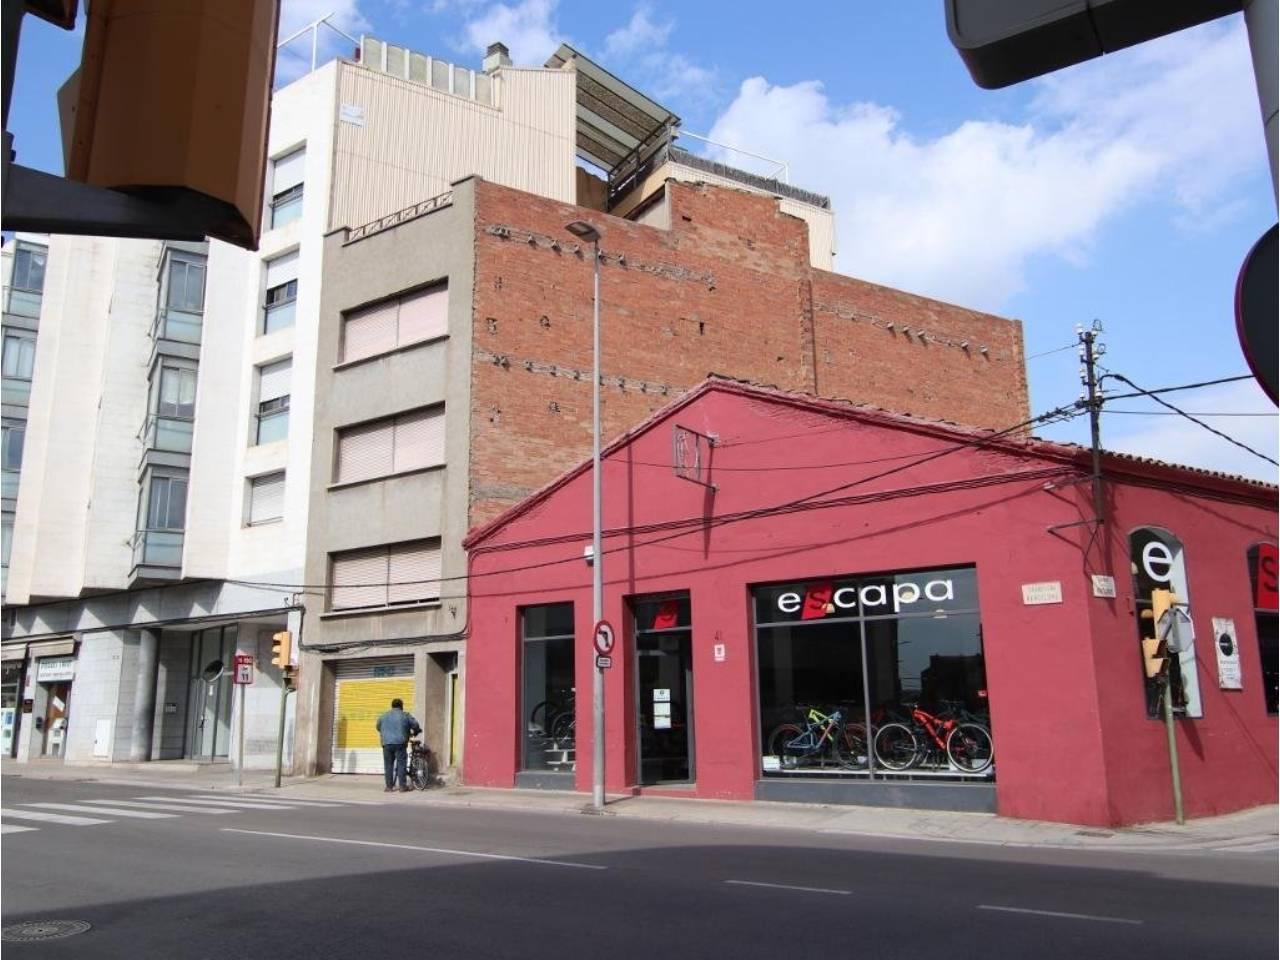 Edificio  Calleja barcelona. Espai propi comercializa edificio en construcción situado en el